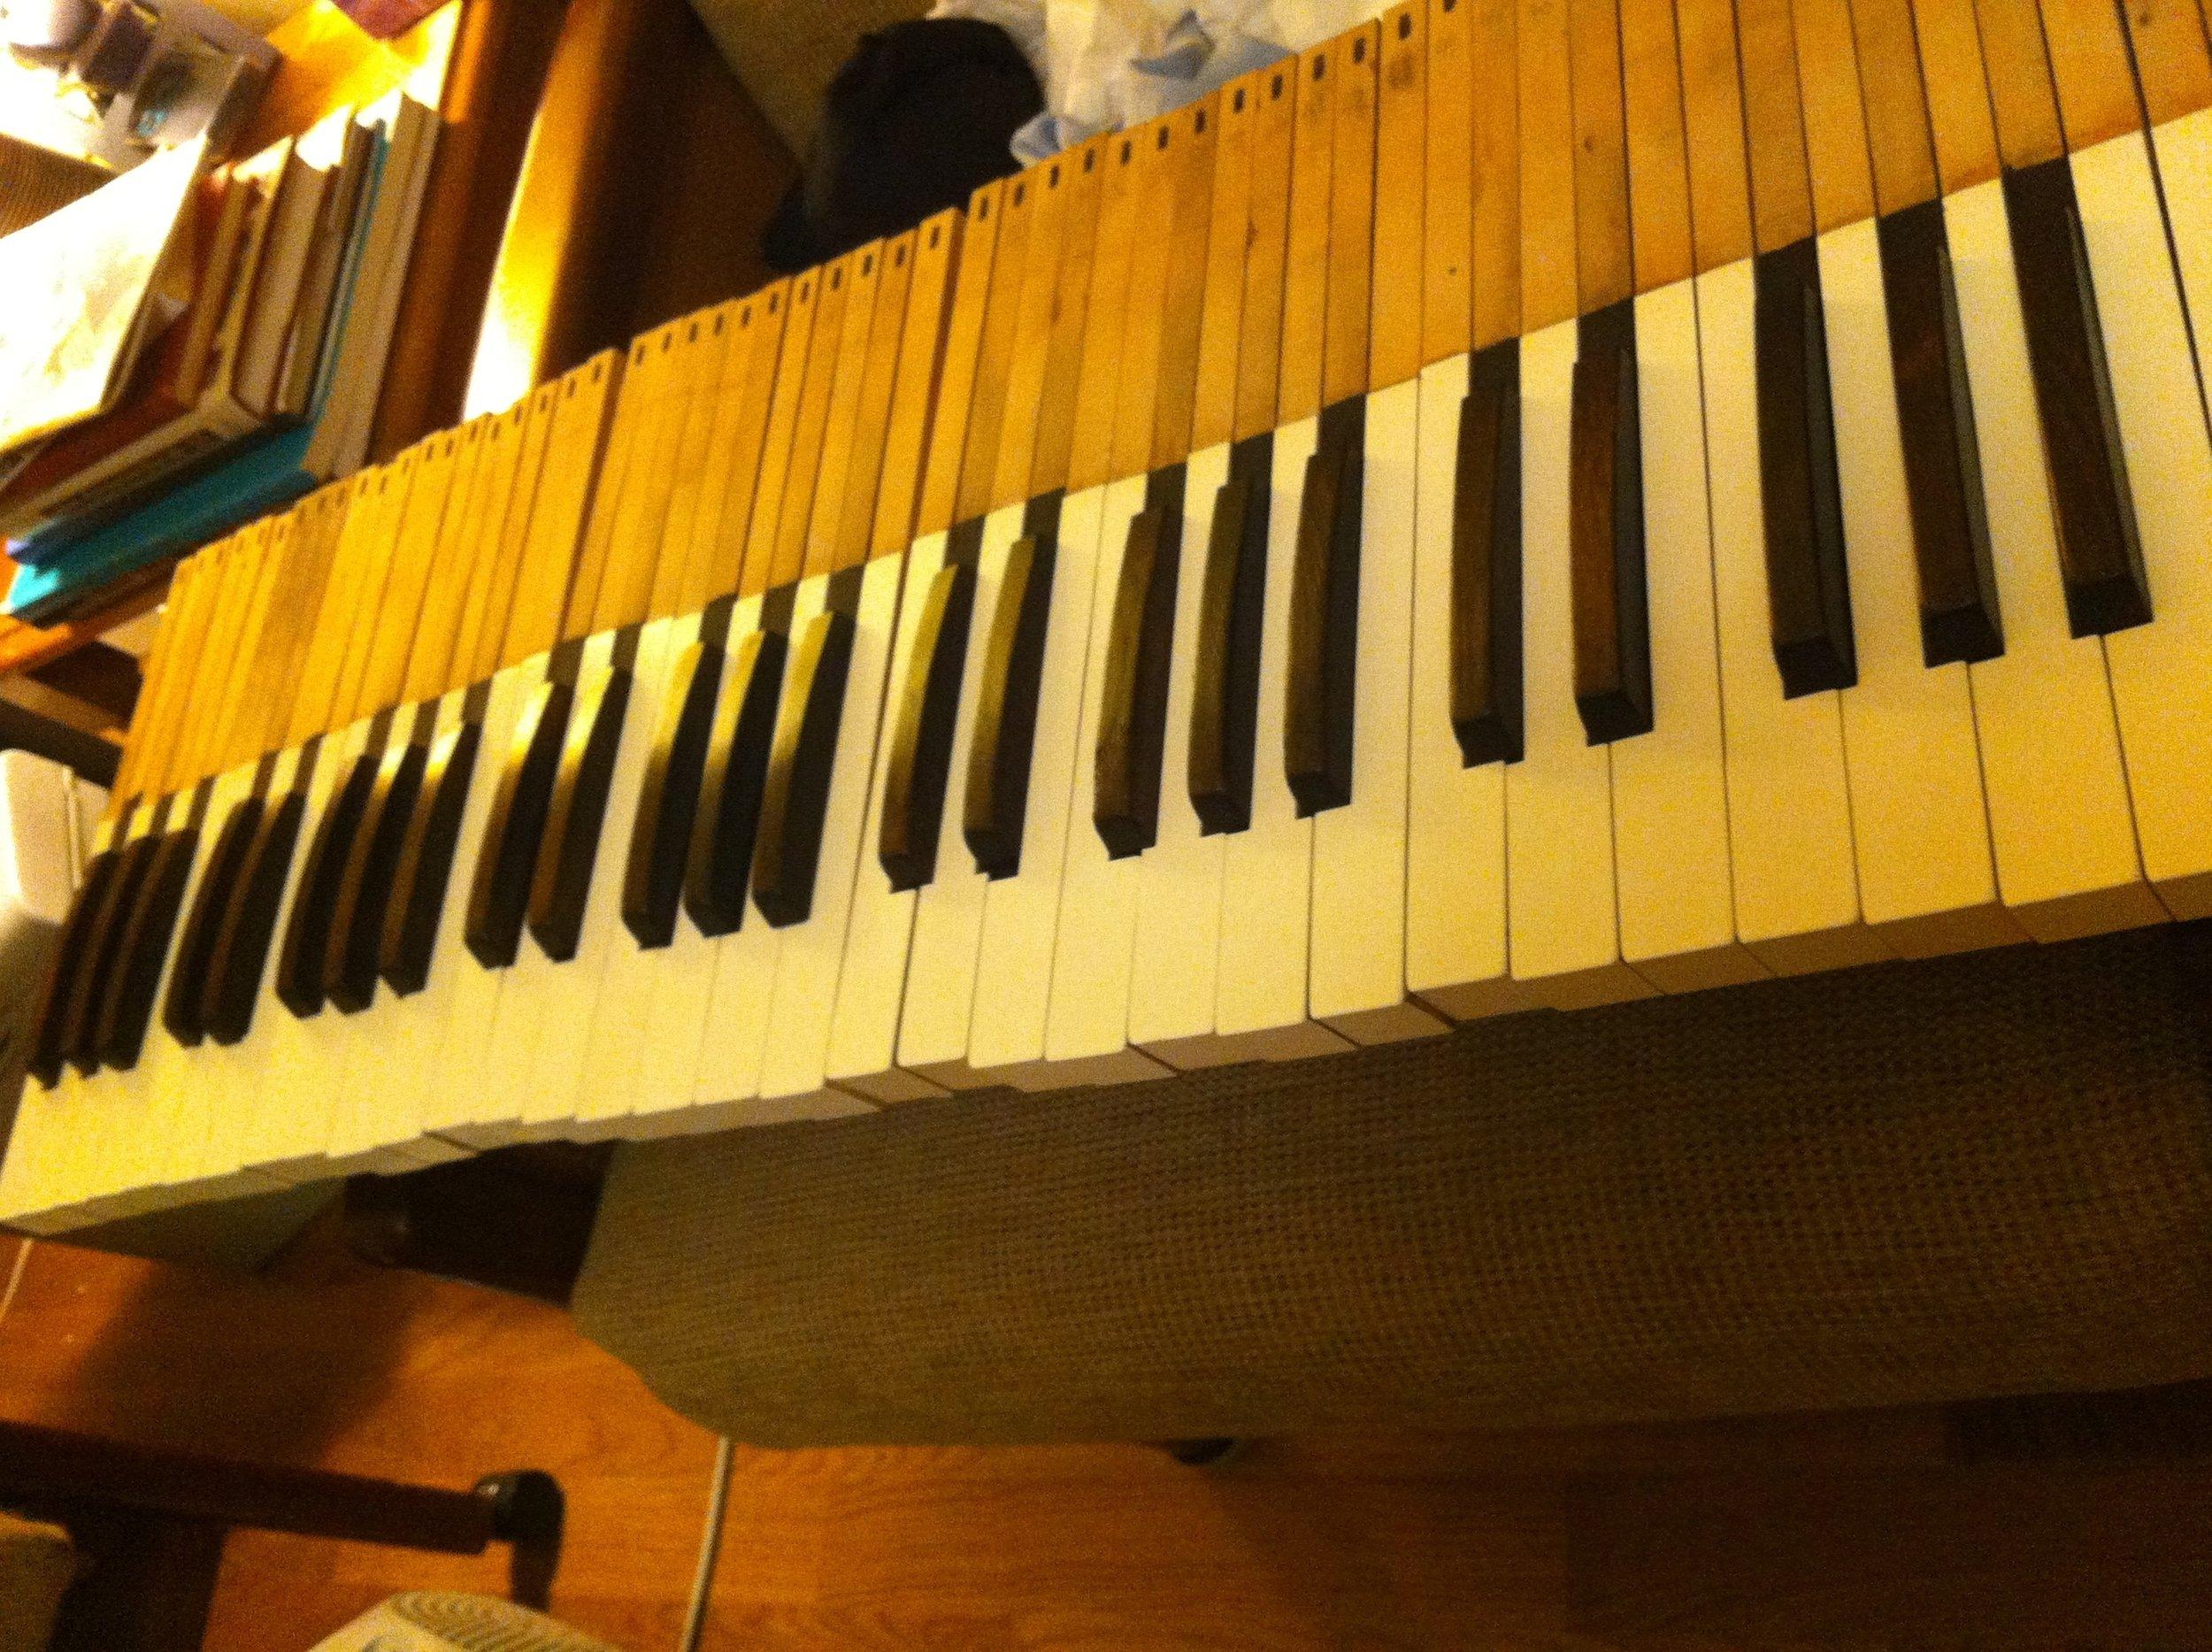 Keys all polished